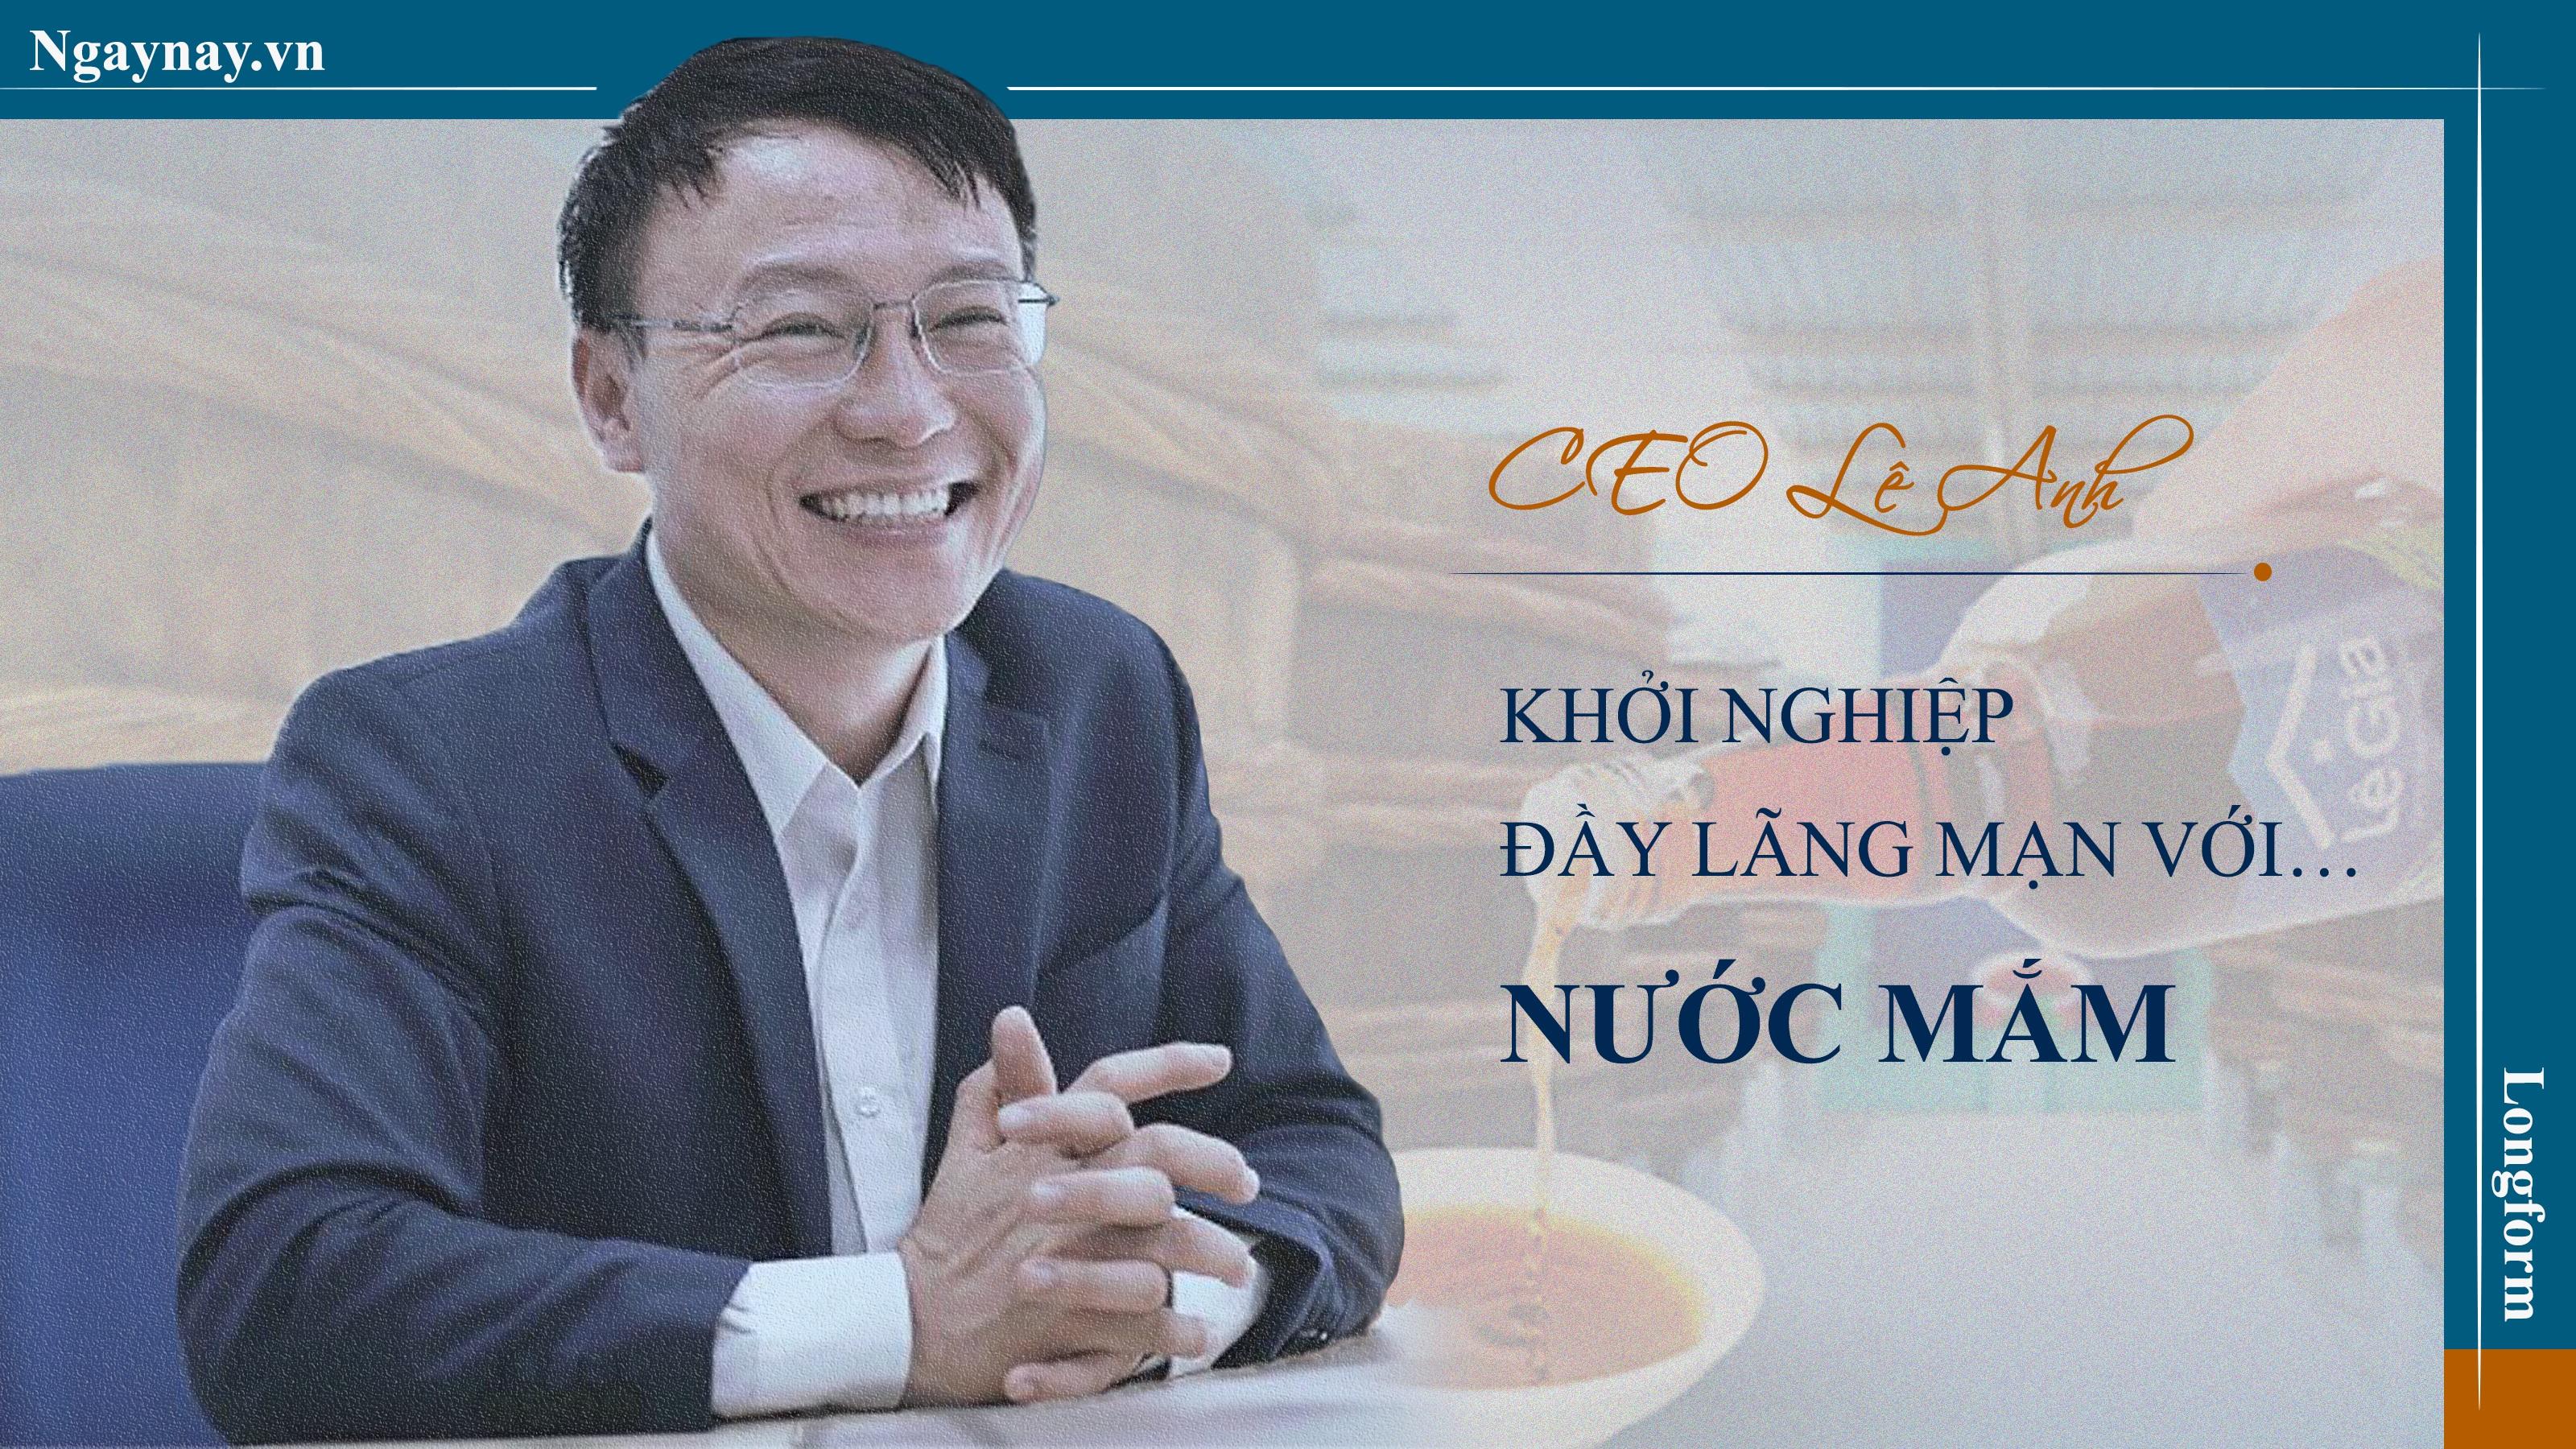 CEO Lê Anh: Khởi nghiệp đầy lãng mạn với… nước mắm